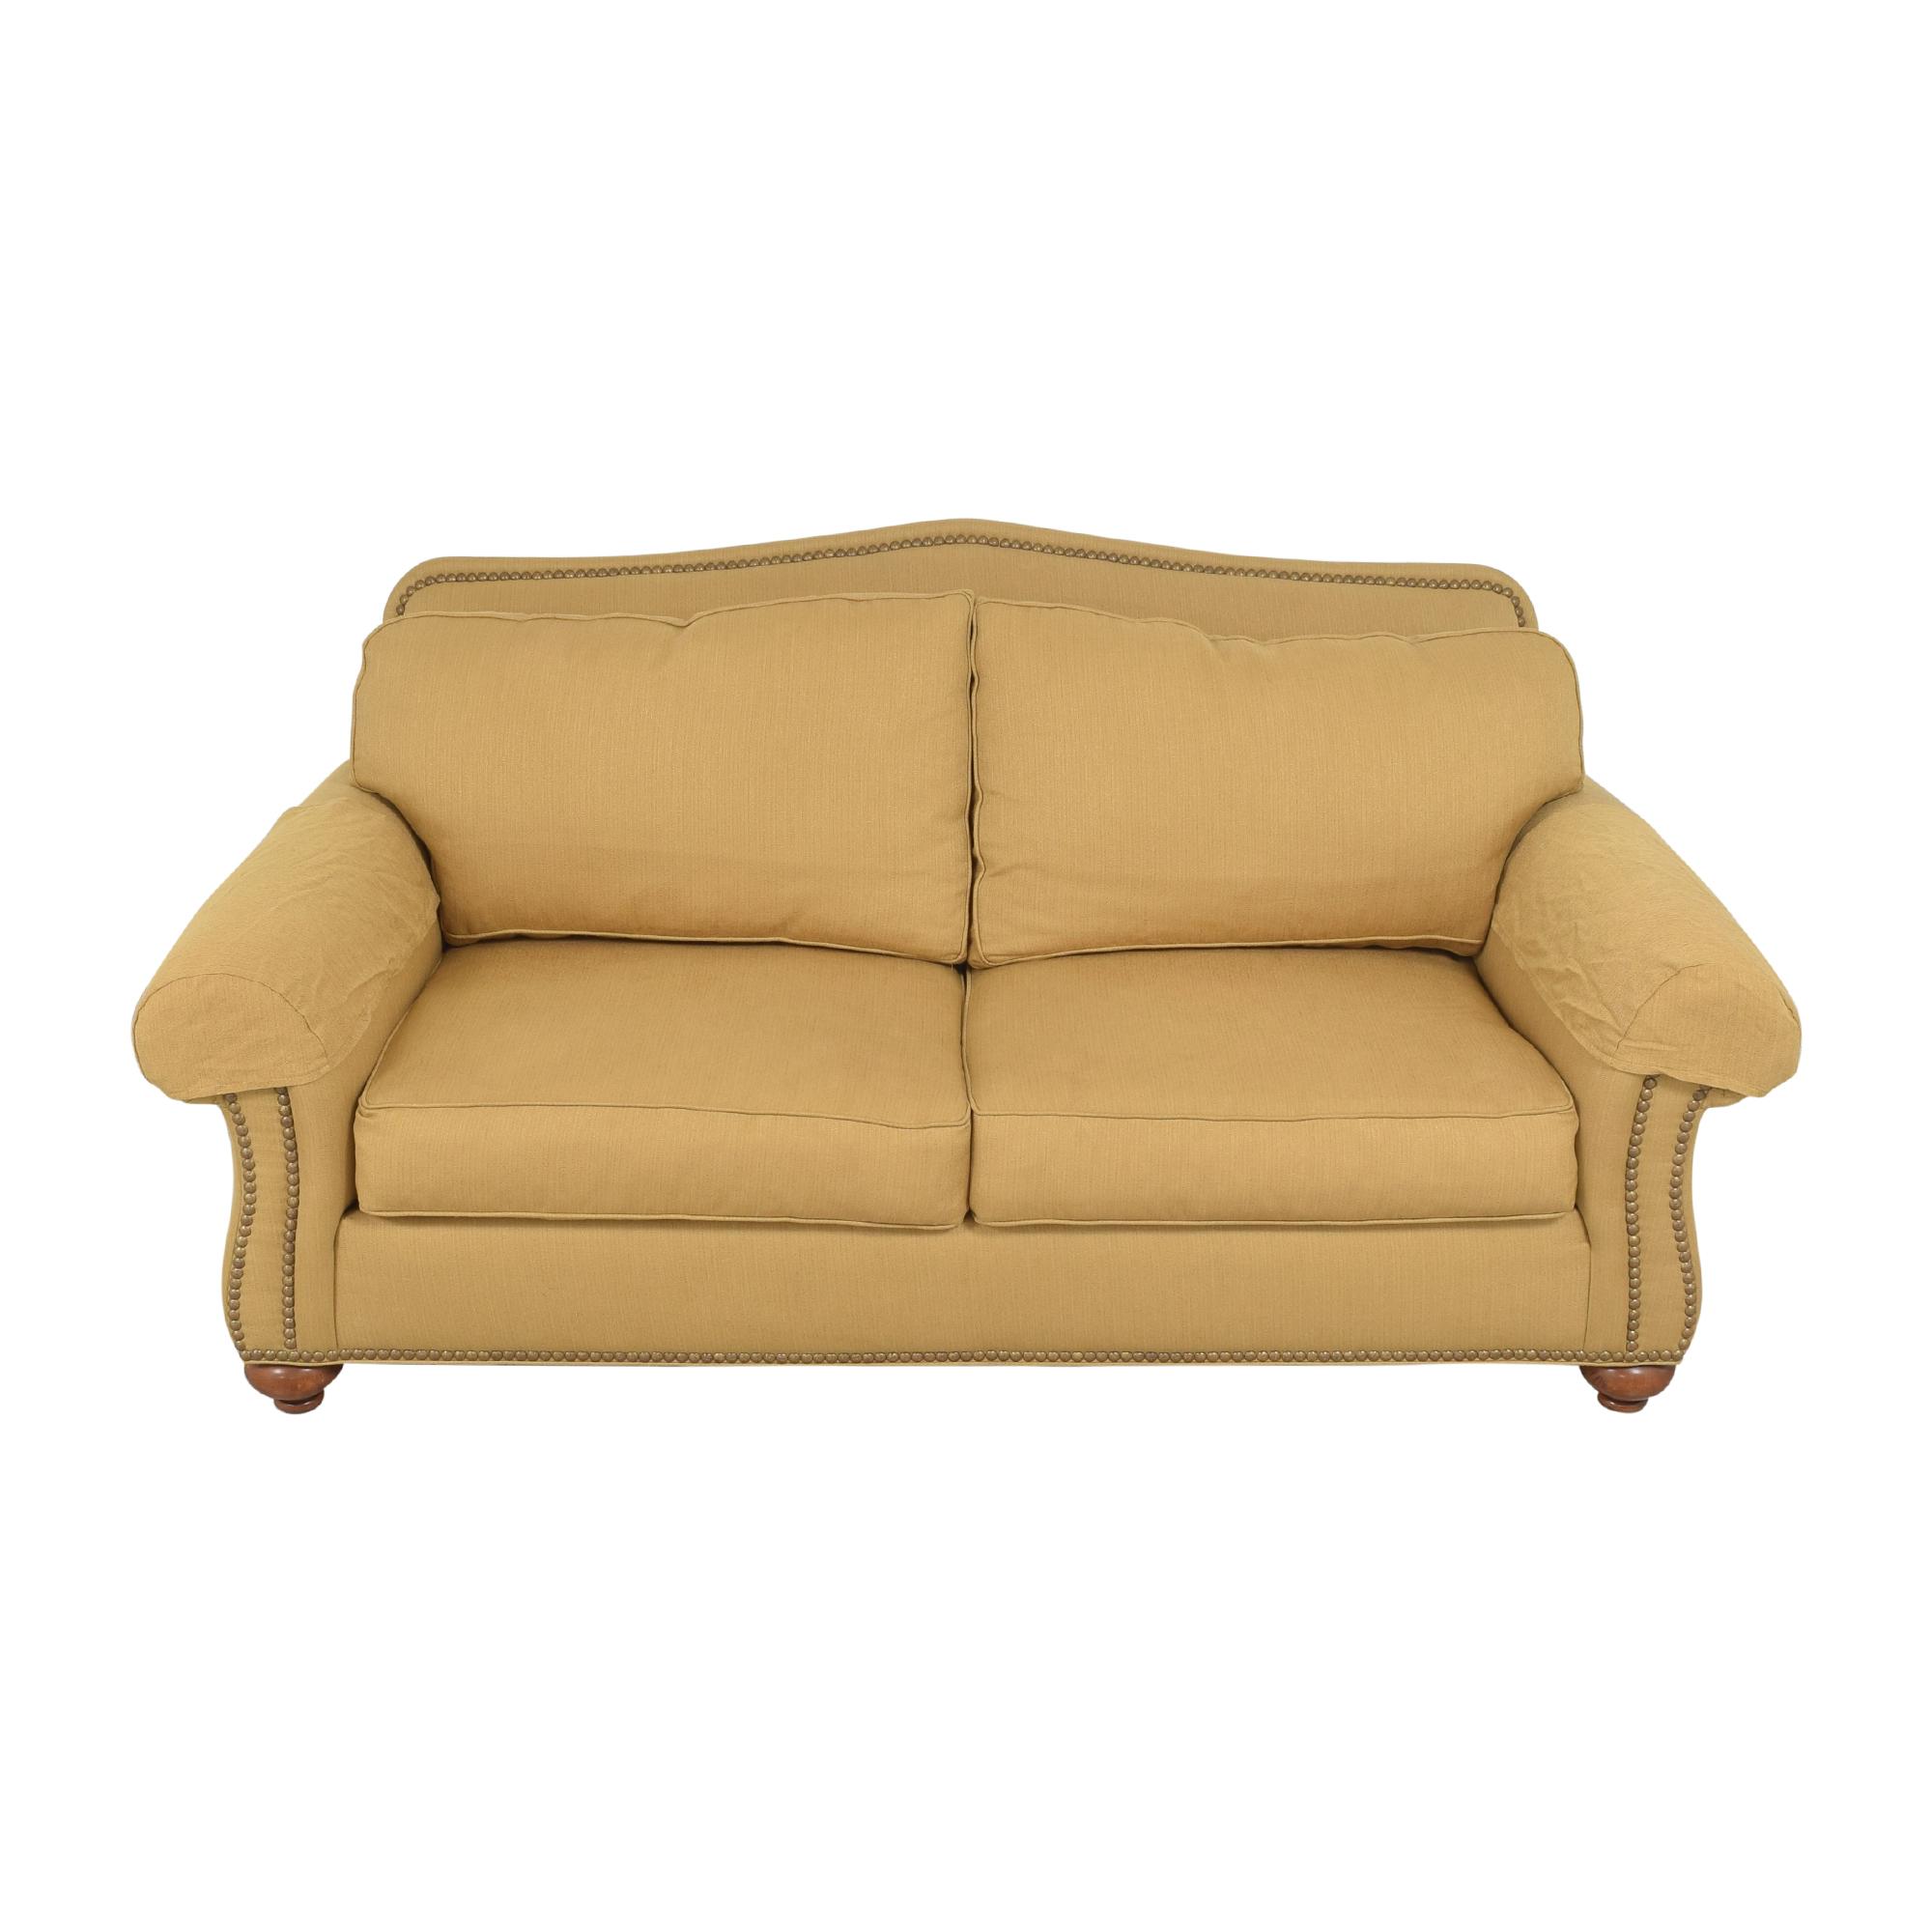 Ethan Allen Ethan Allen Nailhead Two Cushion Sofa ct